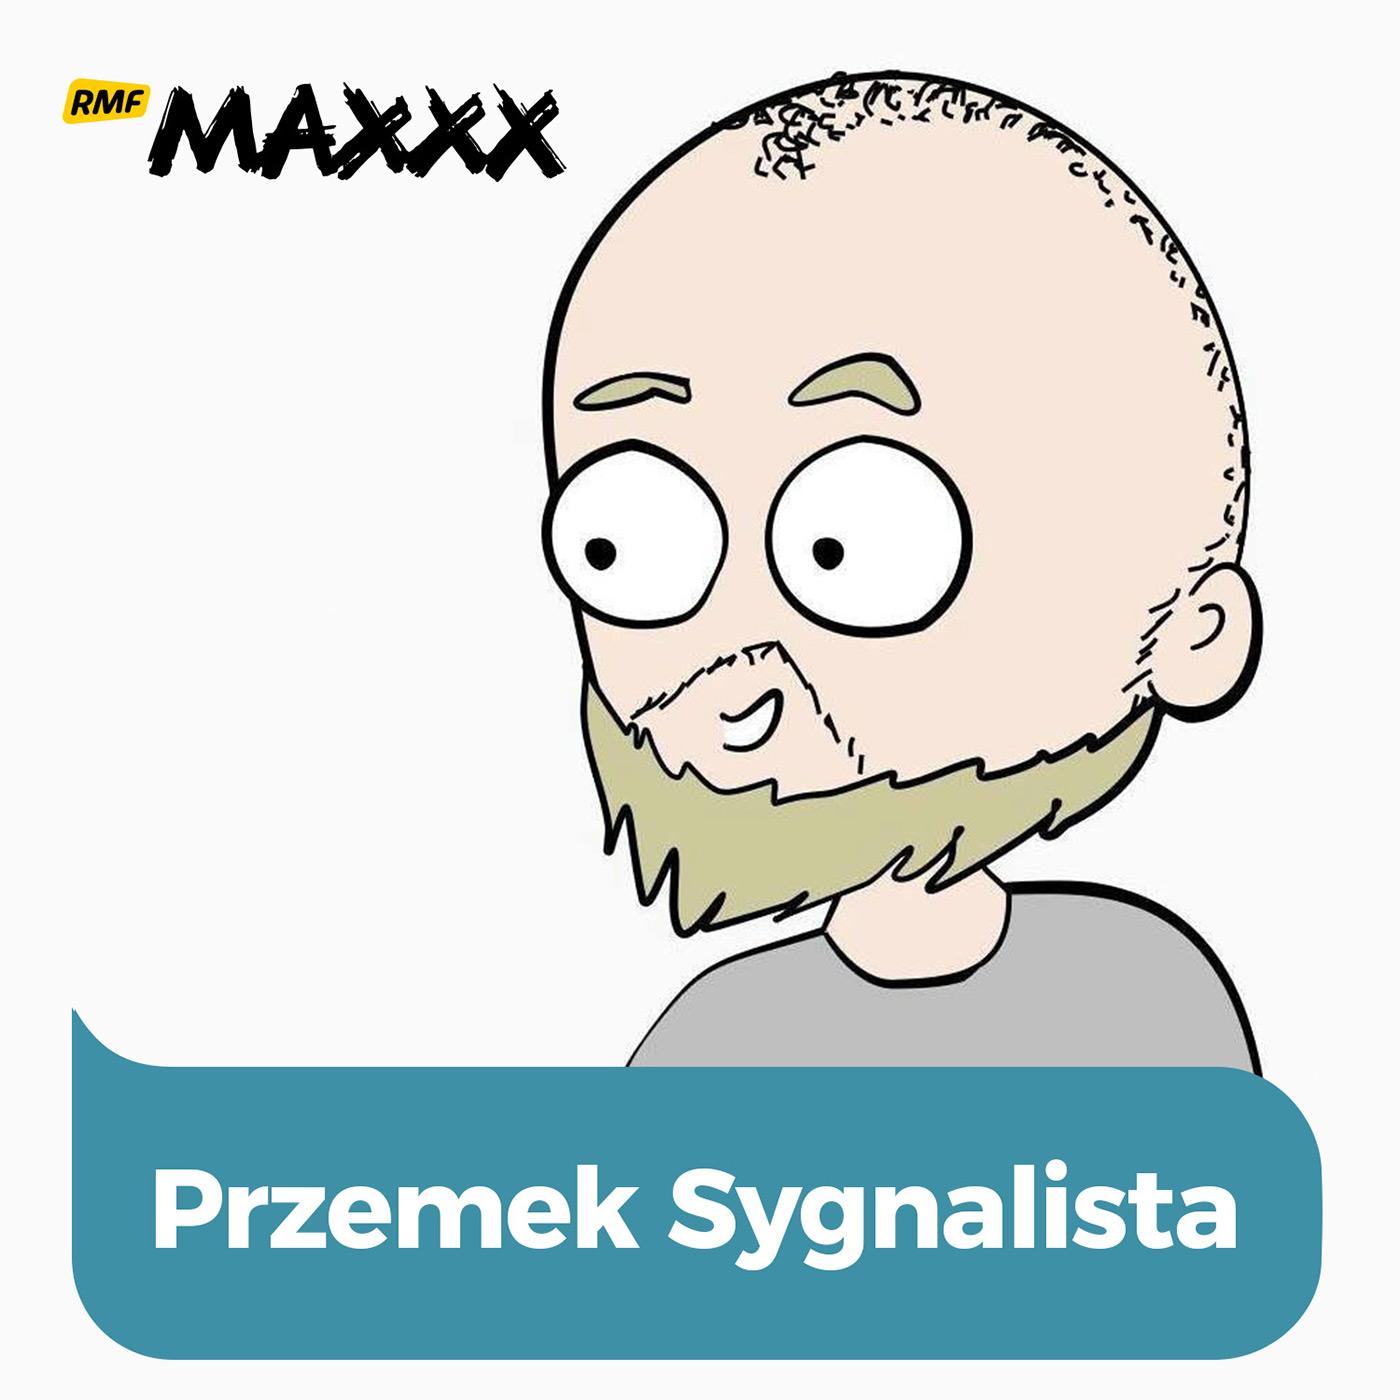 Przemek Sygnalista